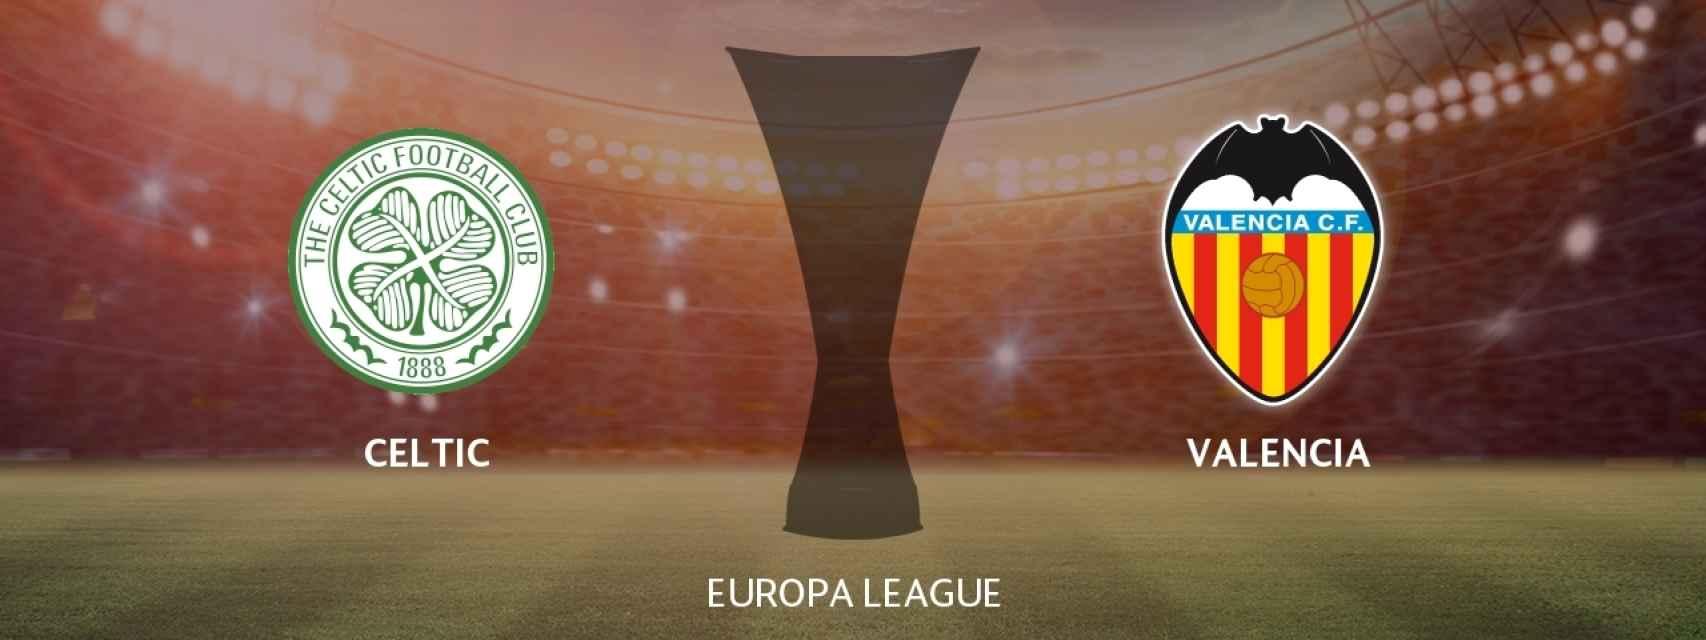 Celtic - Valencia